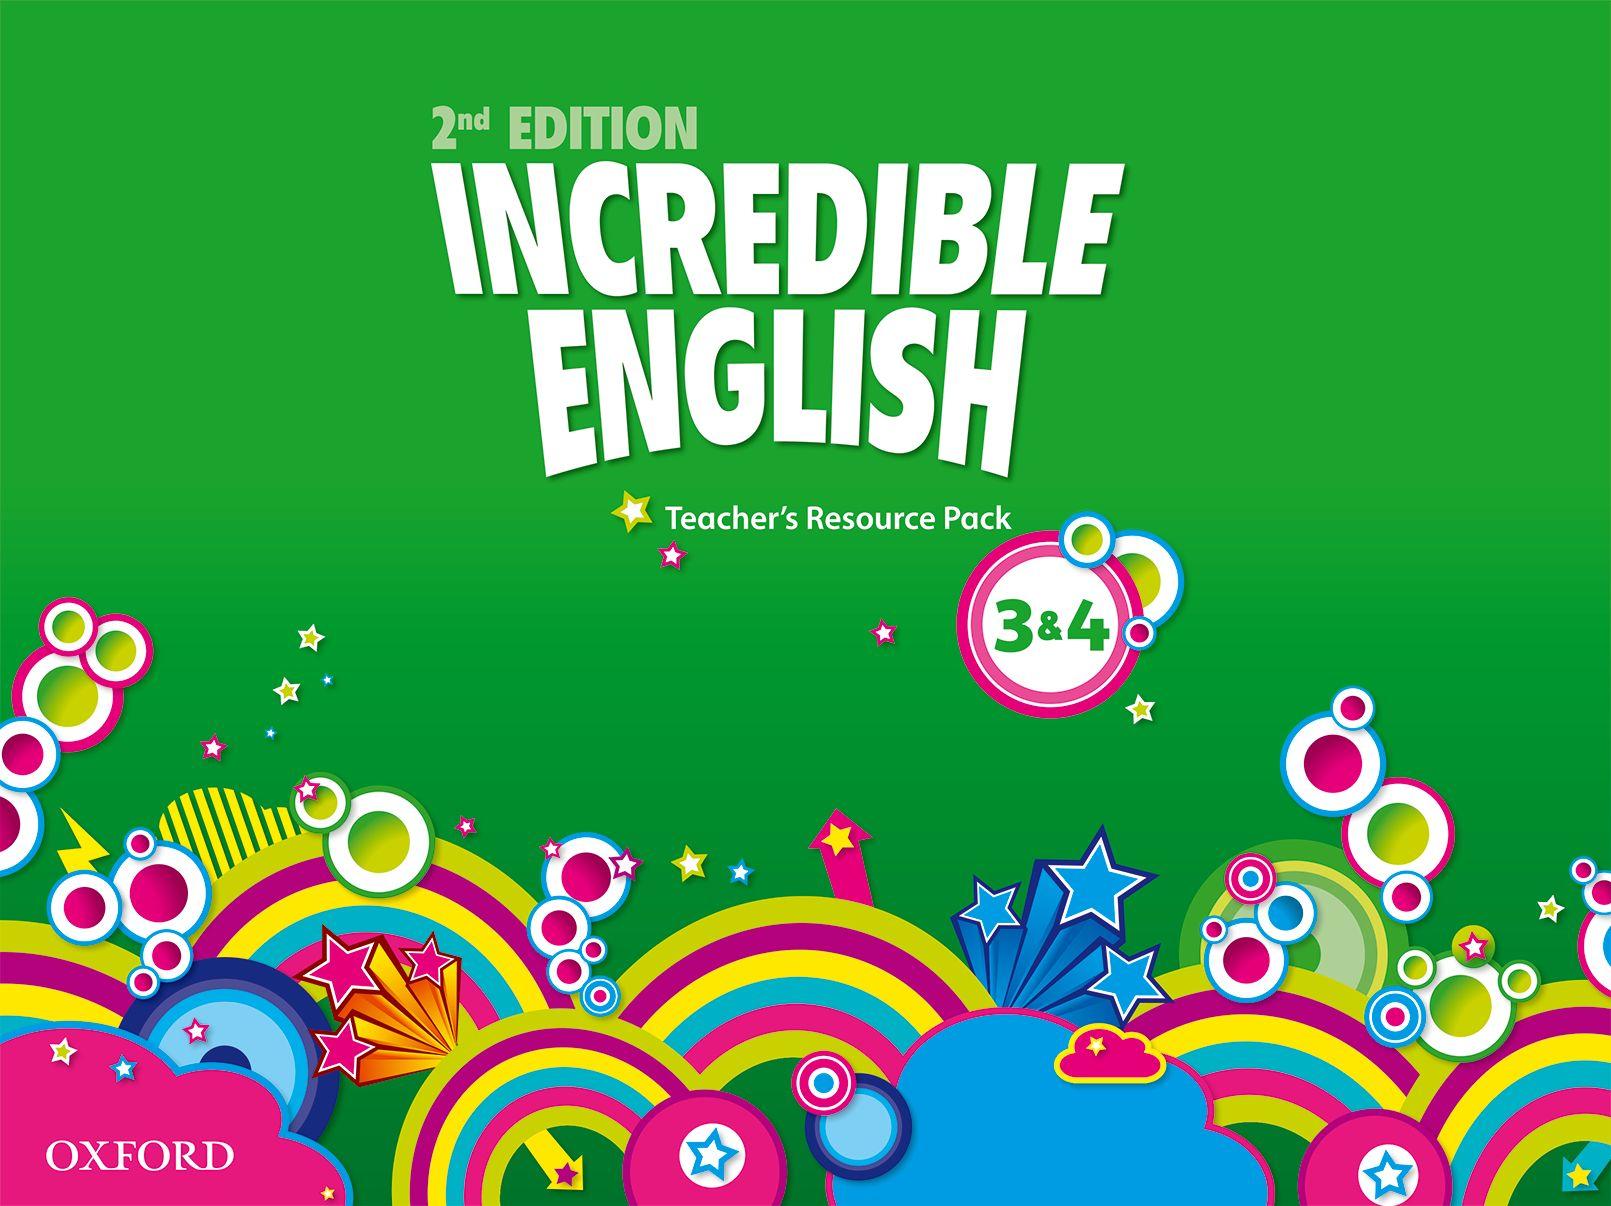 INCREDIBLE ENGLISHLISH 2E 3-4 TRP incredible englishlish 2e 6 ab